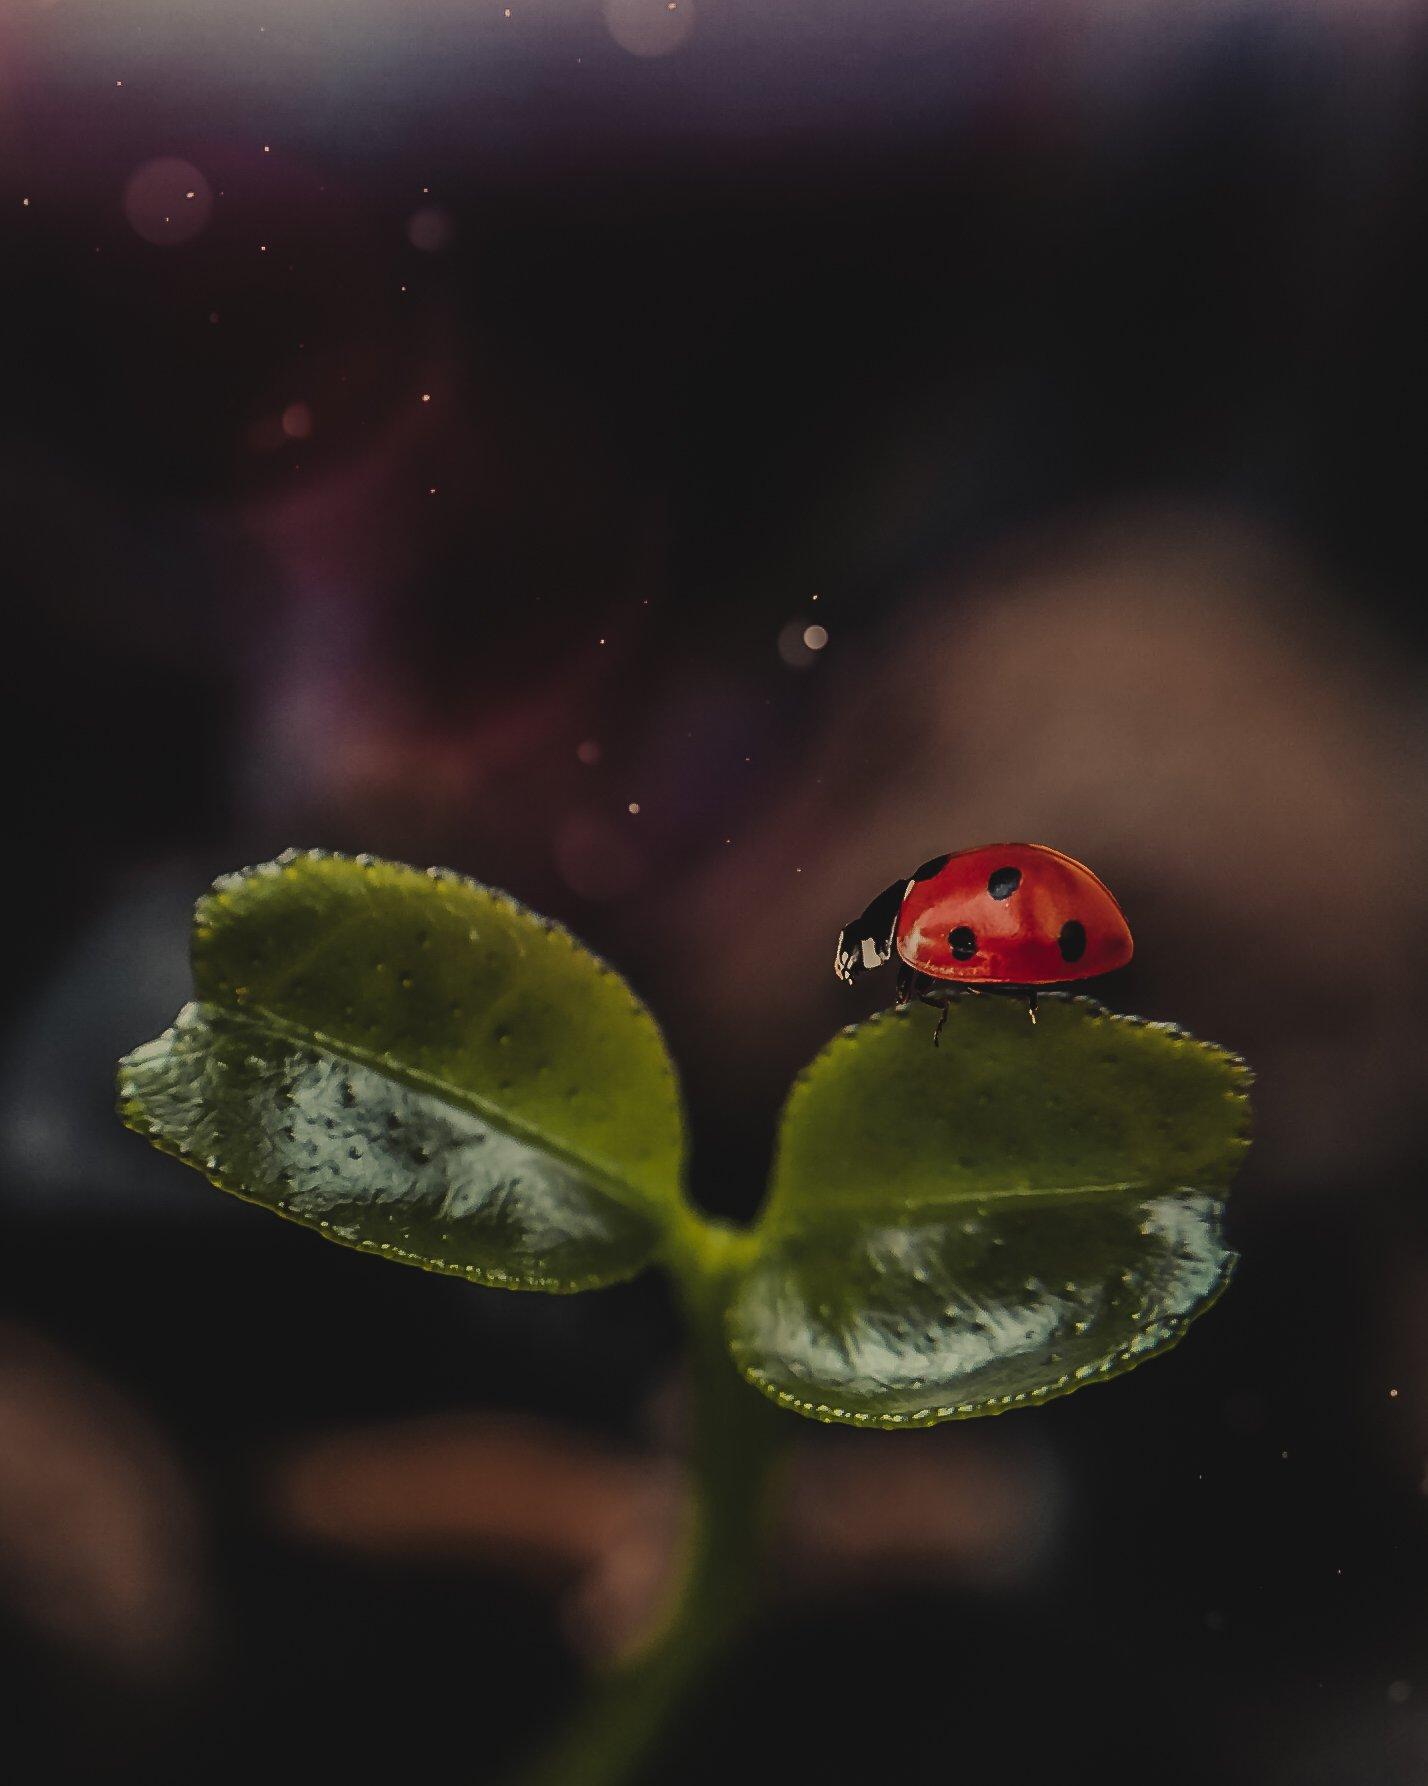 макро, арт,природа ,насекомые, Smirnova Olga